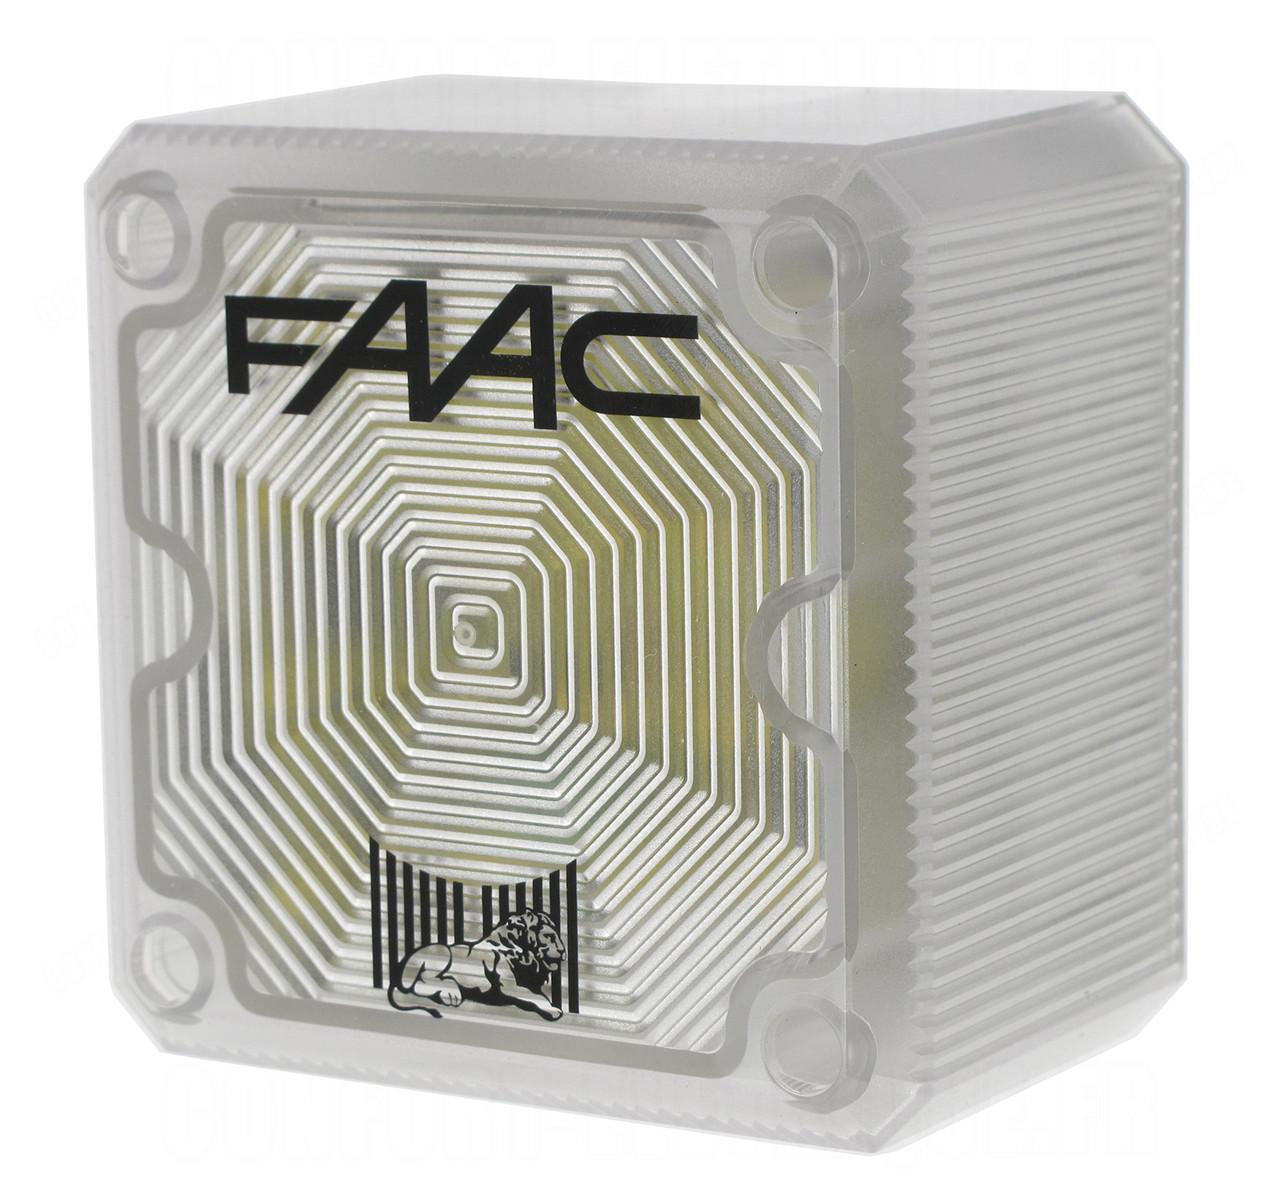 Сигнальная лампа FAAC XL24 L 24V/3V